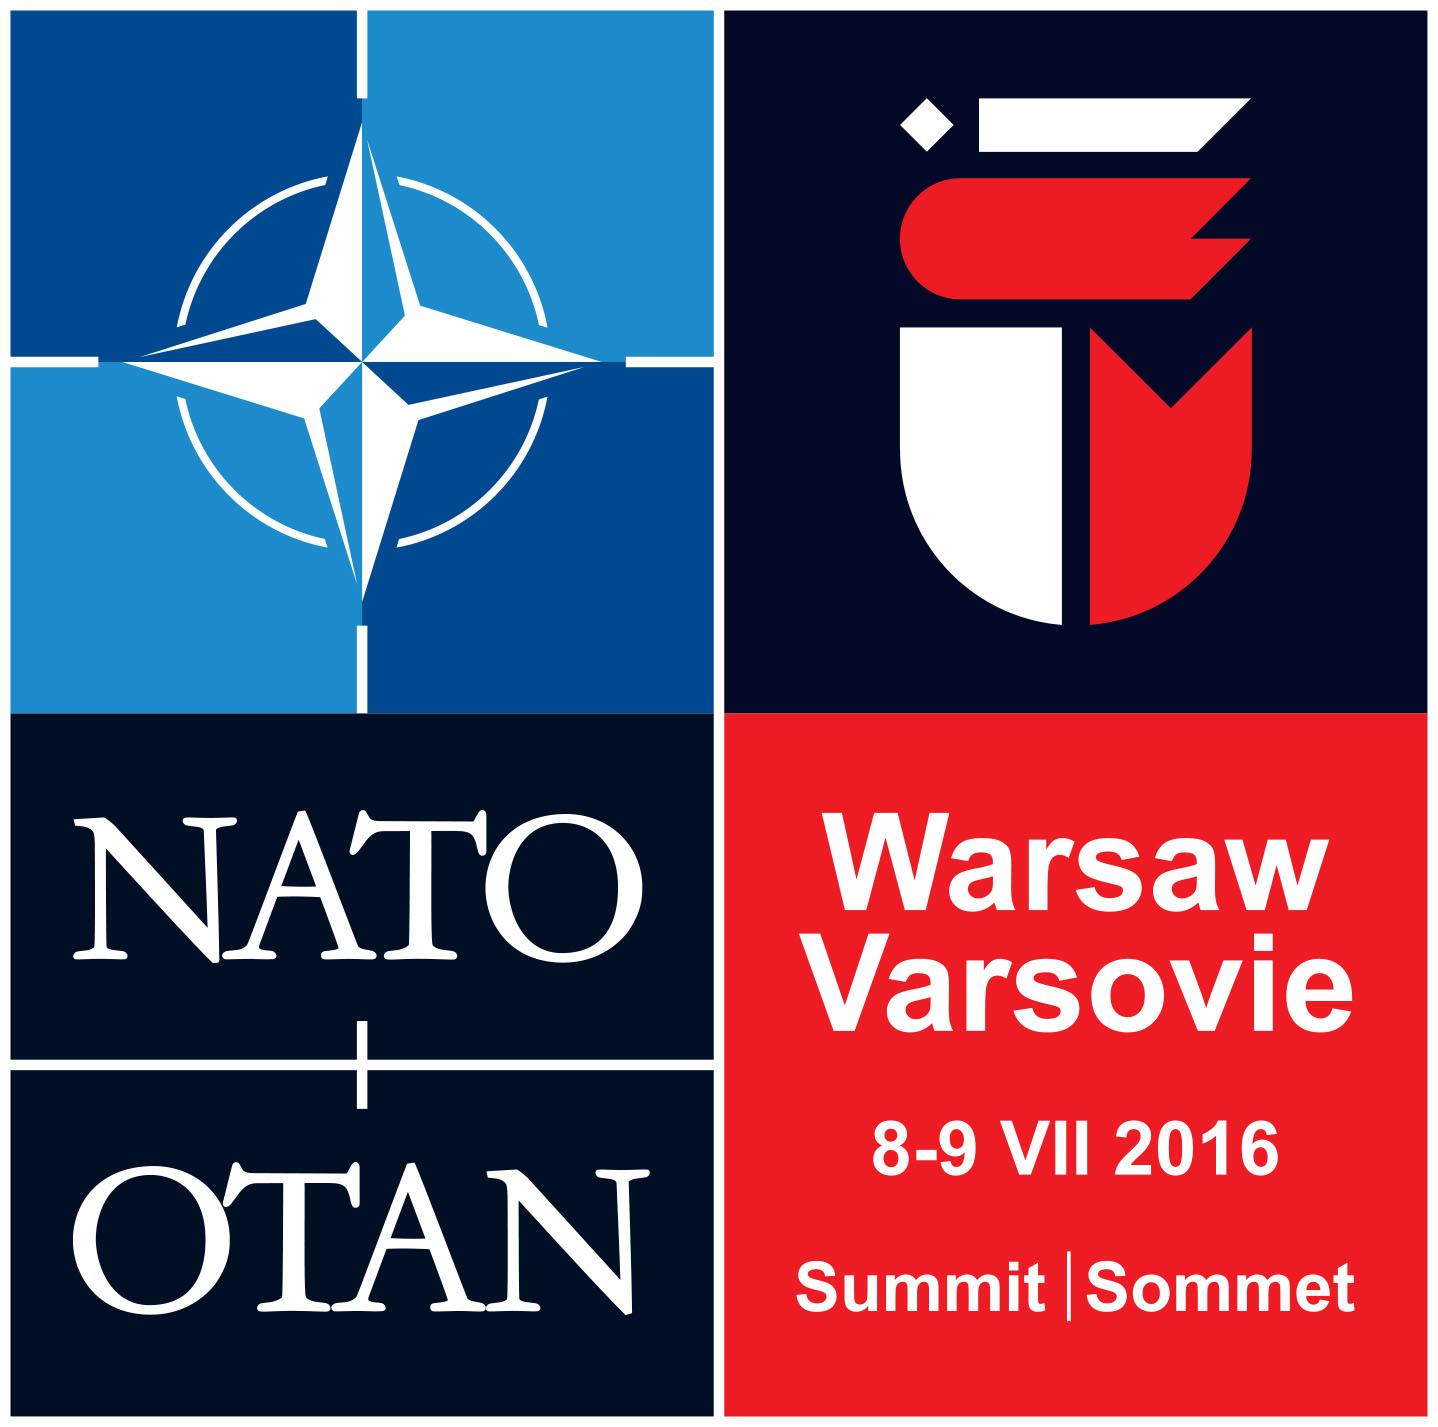 Image for Henrik Praks Spoke at the Seminar Focusing on the Upcoming NATO Warsaw Summit